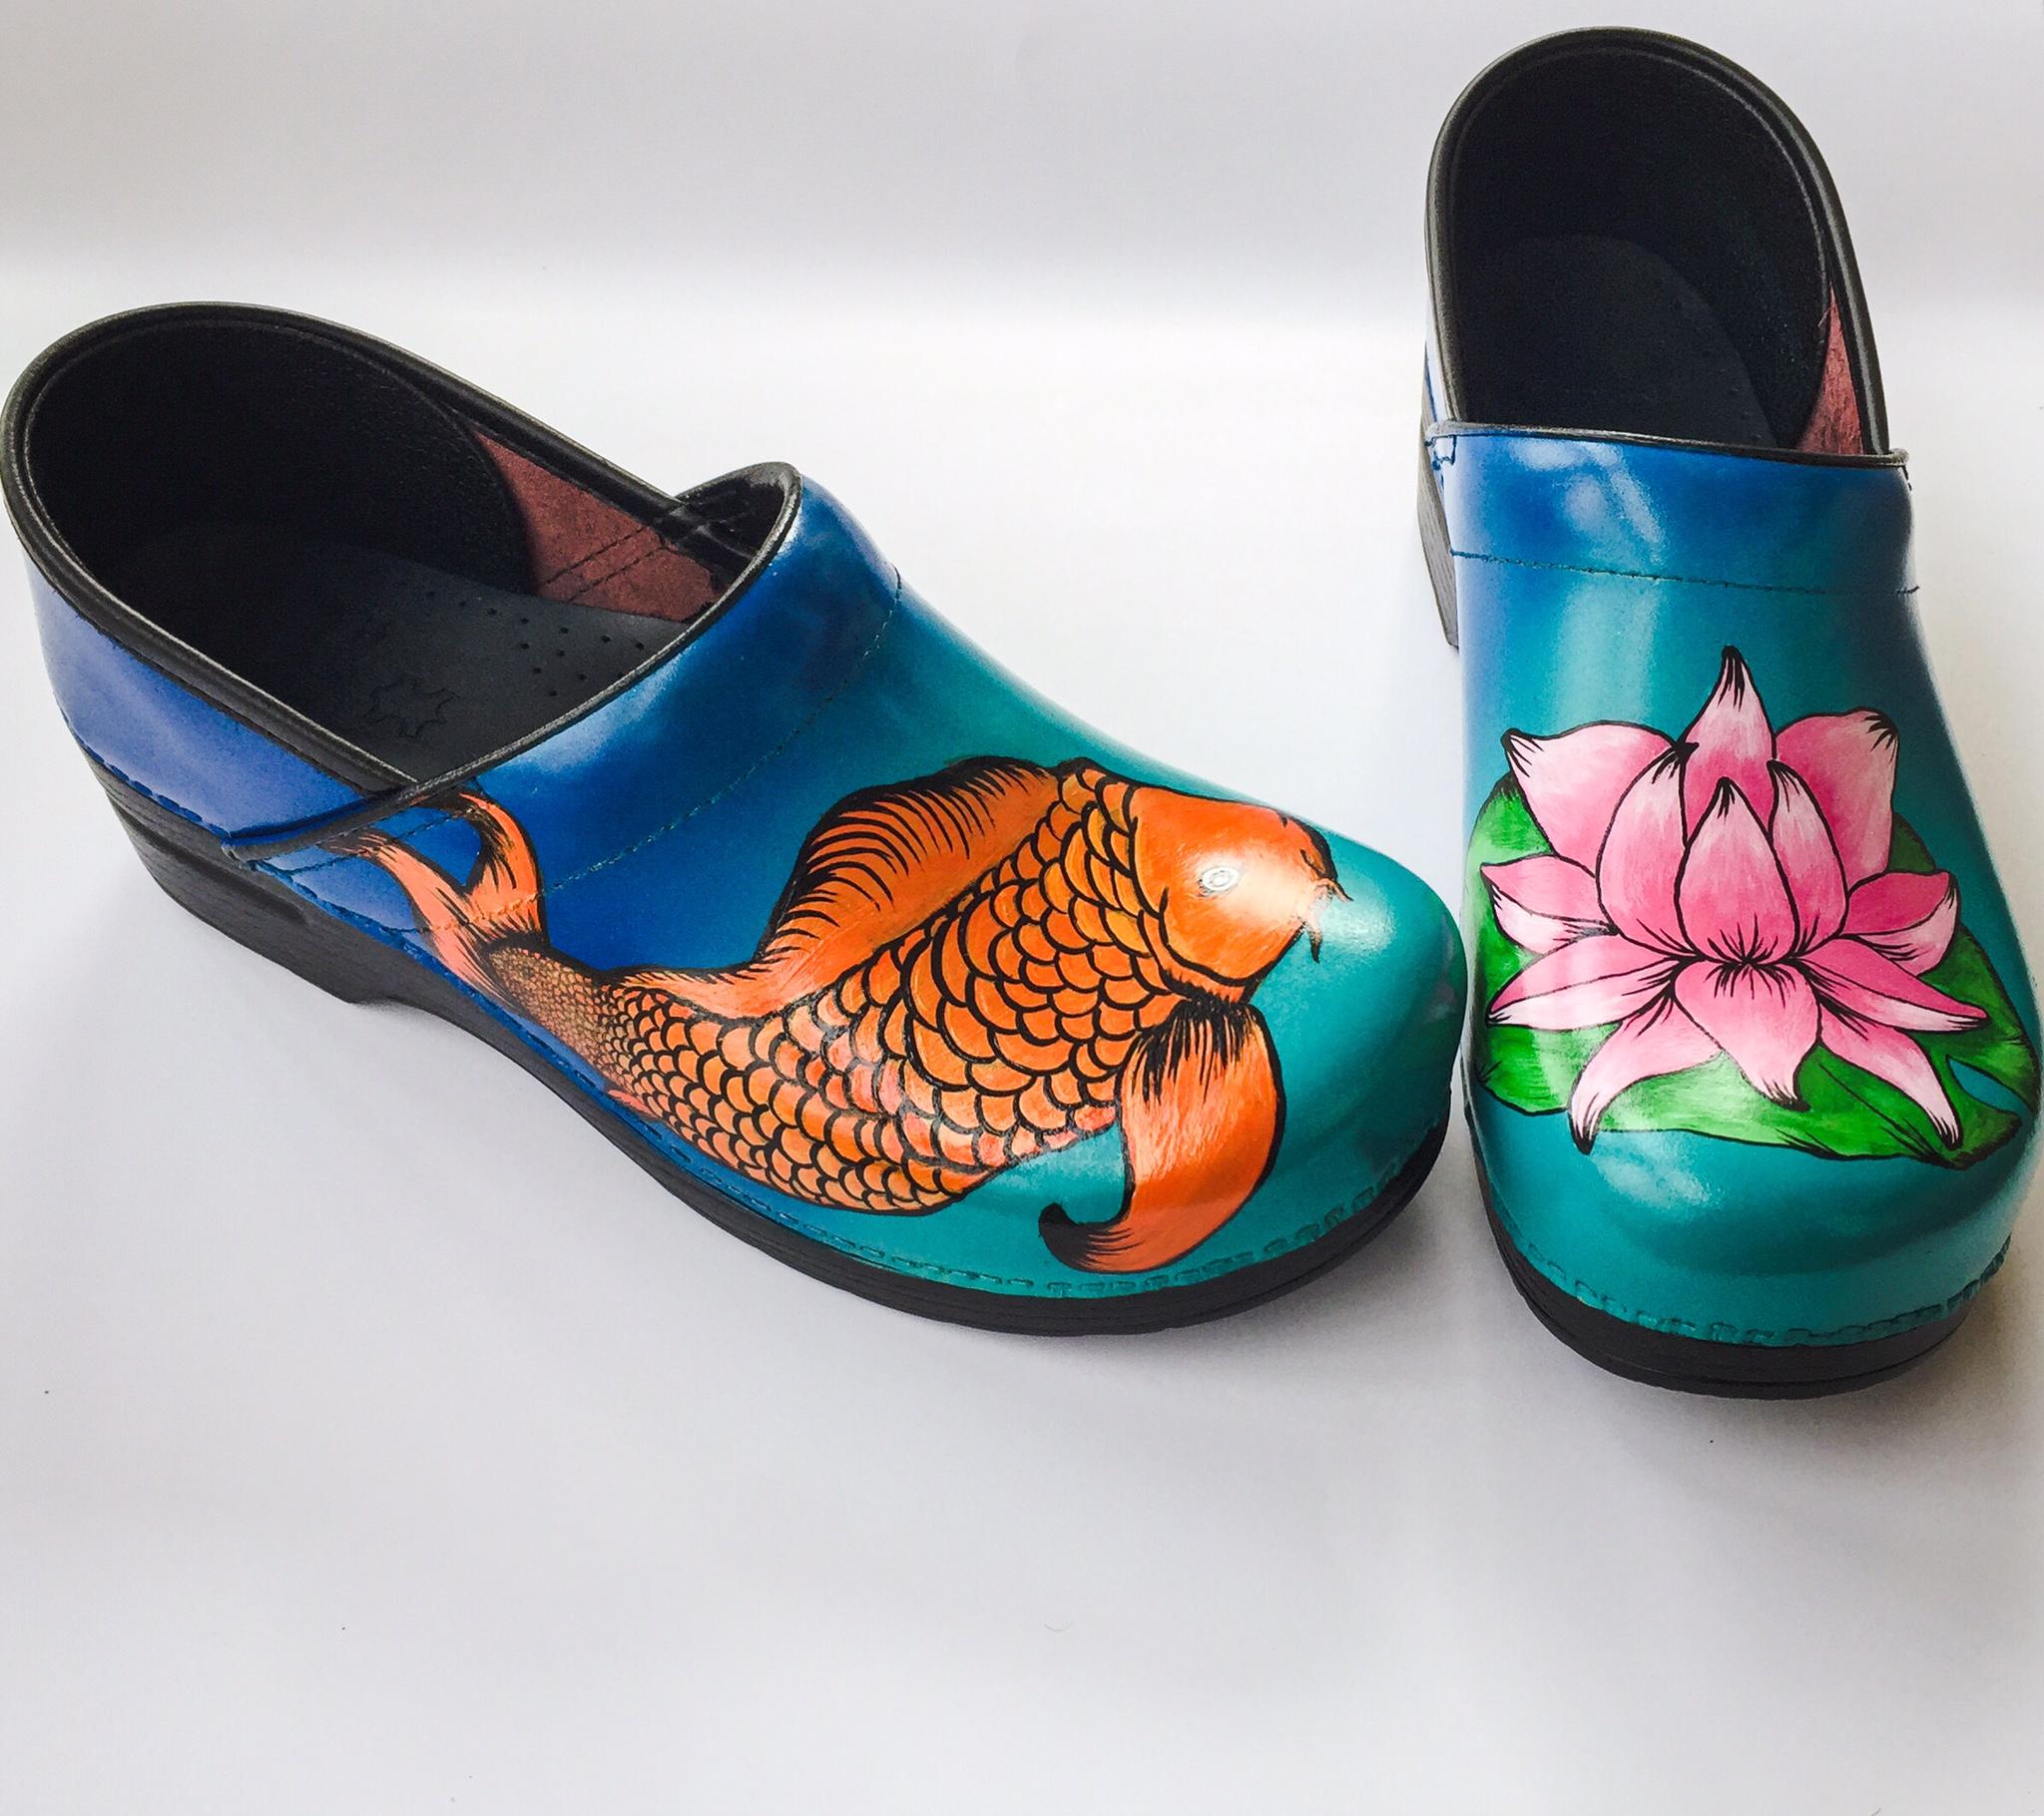 Danskos Shoes Reviews